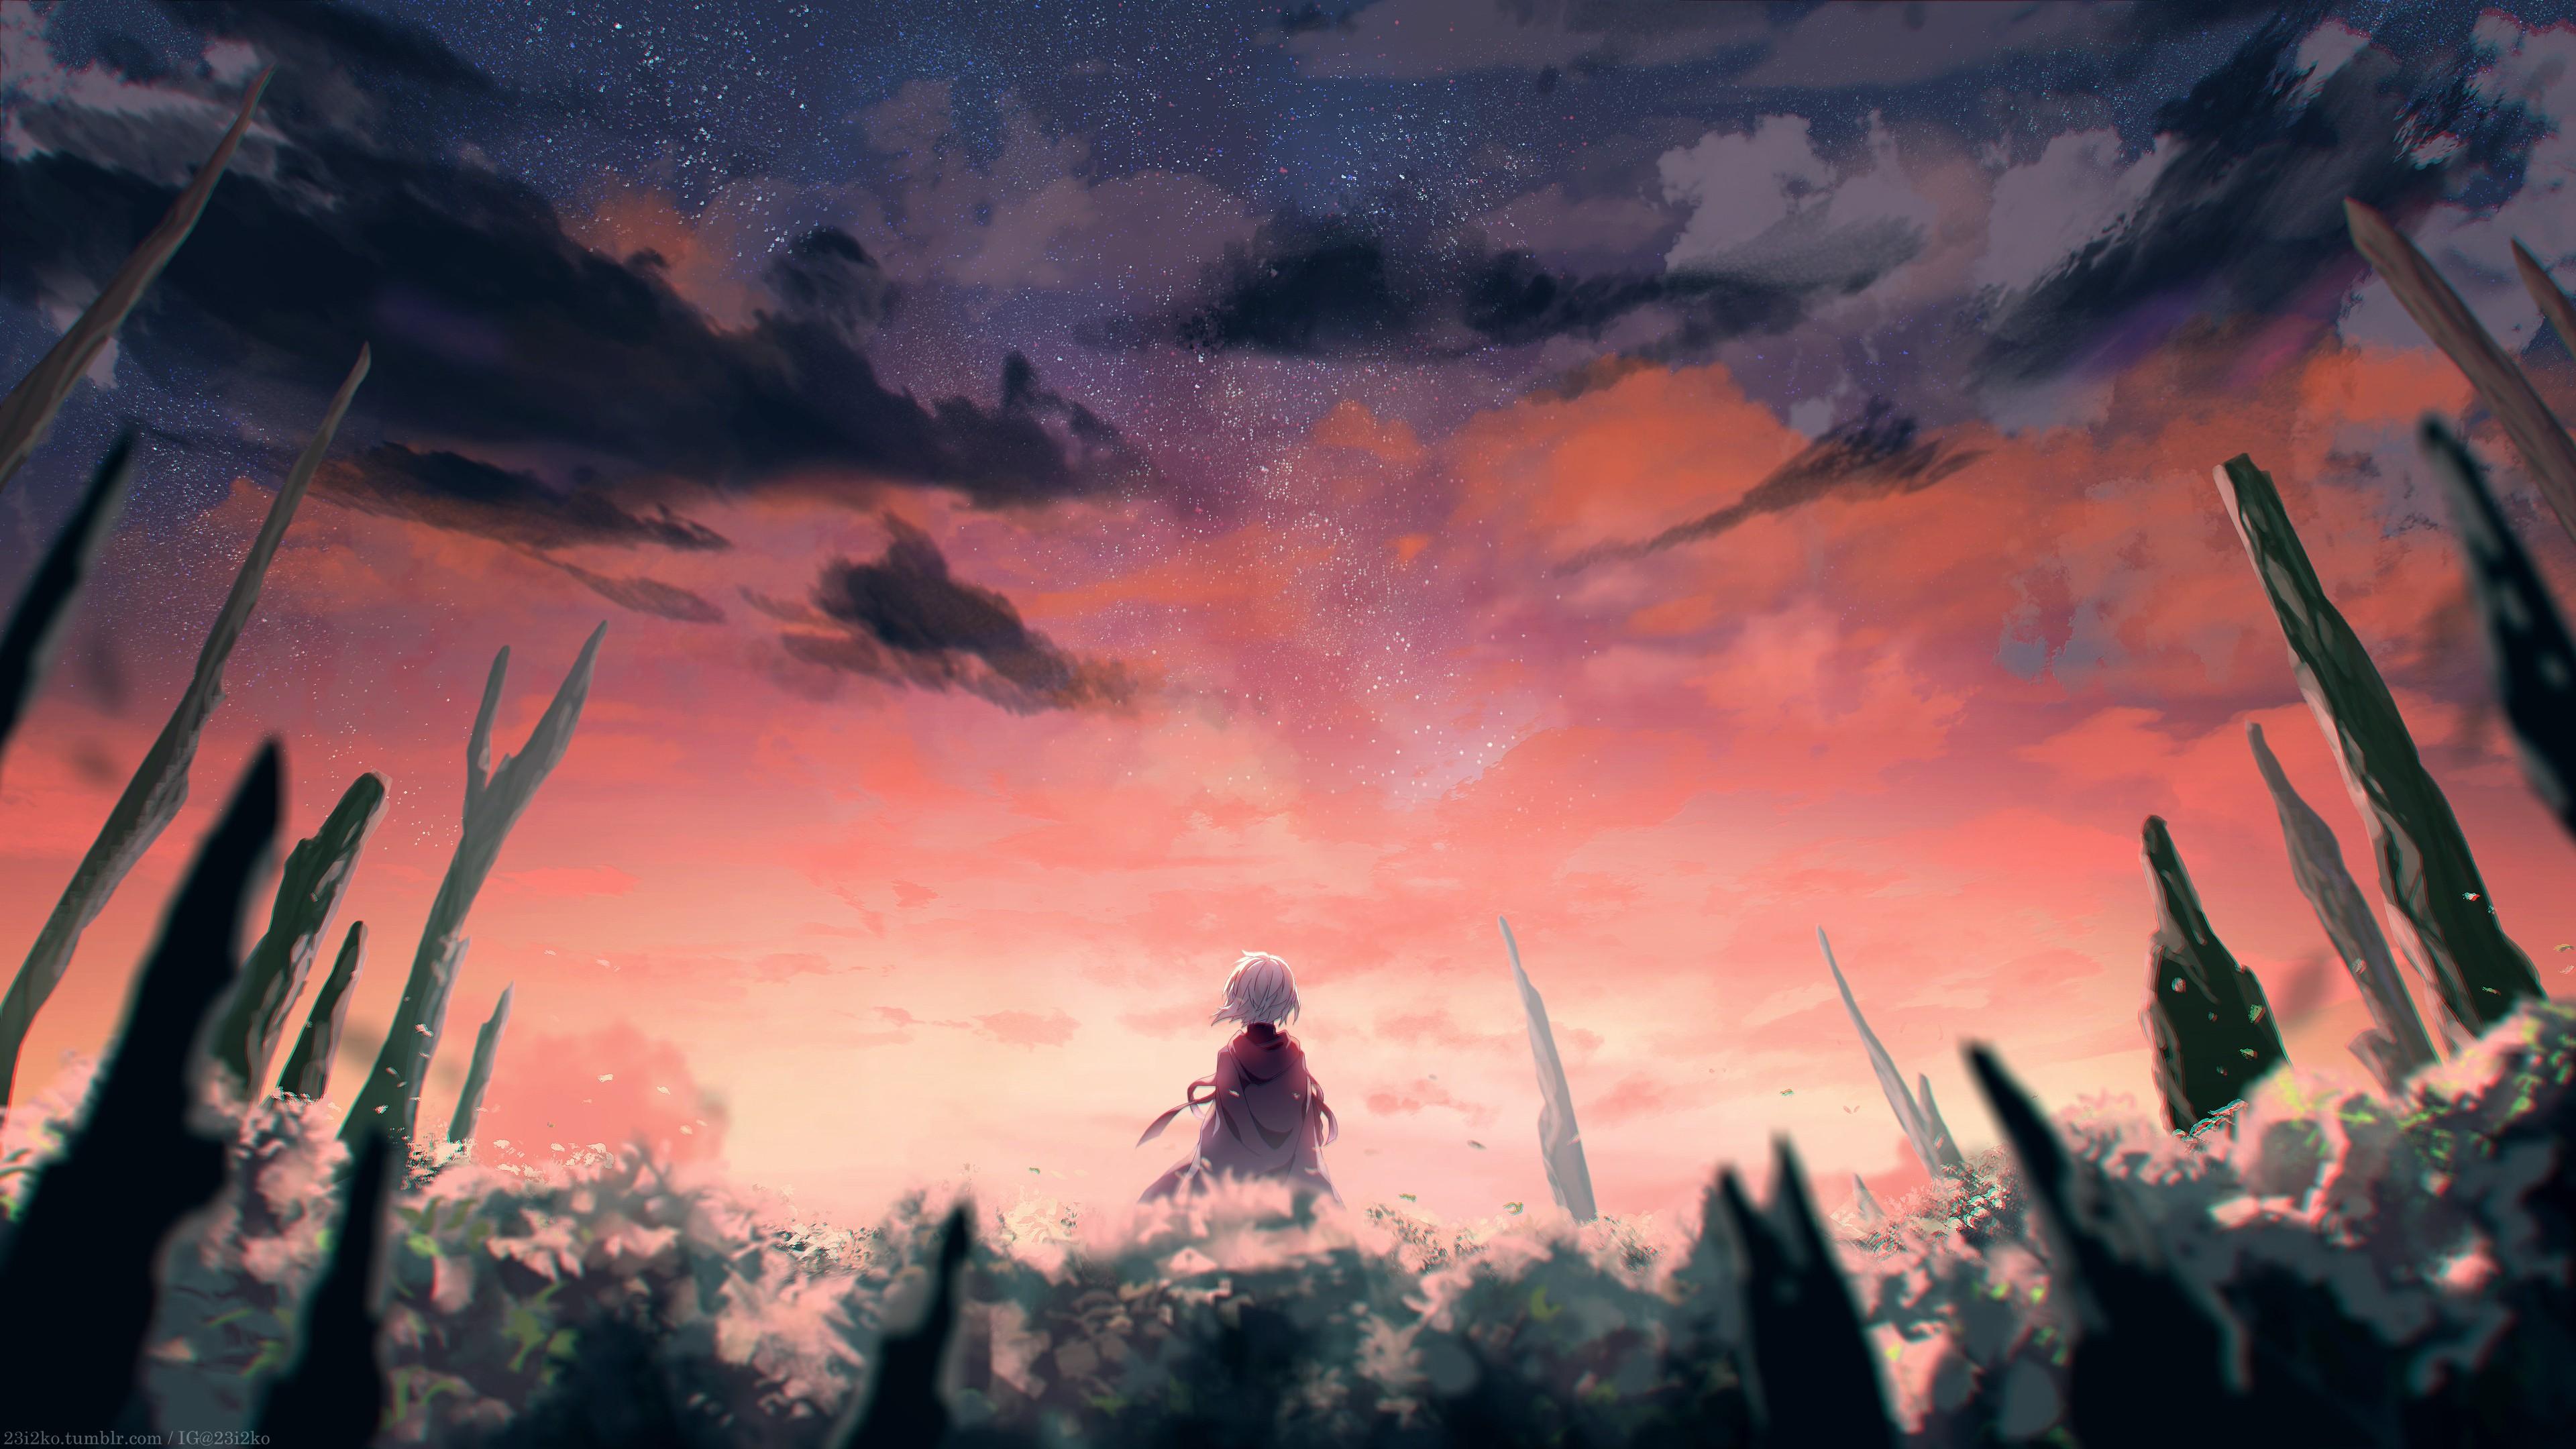 landscape-sky-red-sunset-anime-stars-fantasy-art-986546 Ideas For Anime Art Landscape @koolgadgetz.com.info